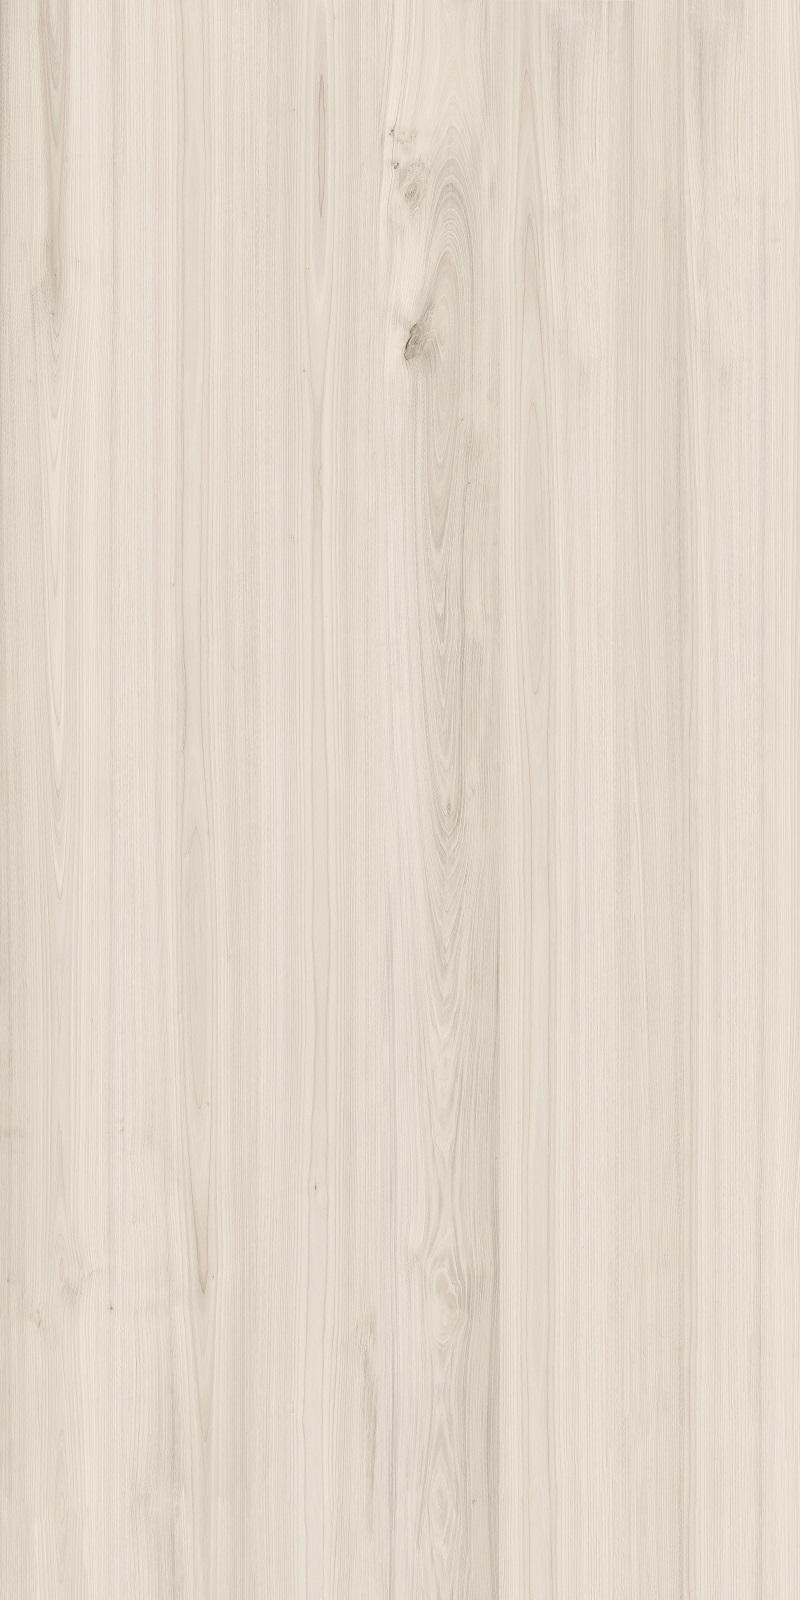 冠珠瓷砖胡桃木米灰大理石高清贴图【ID:736740538】